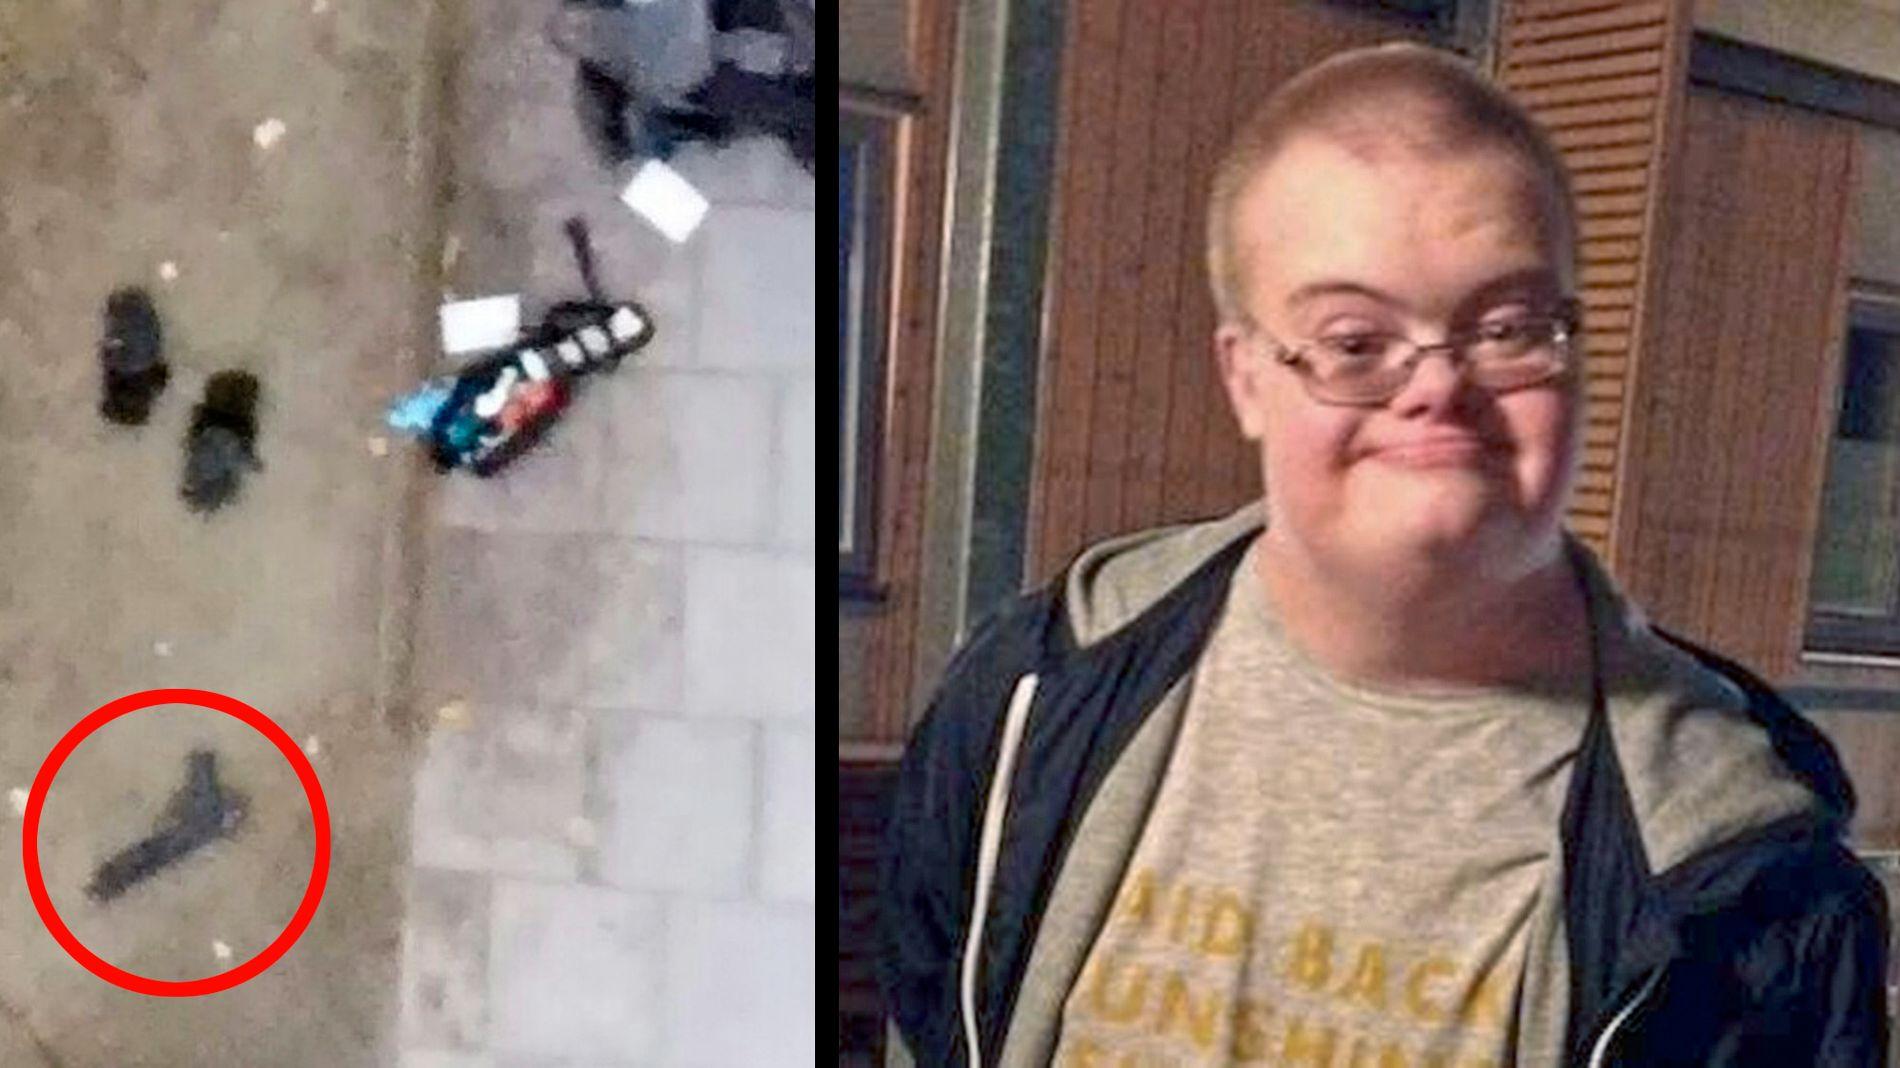 «VÅPENET»: Bildet til venstre skal vise lekepistolen Eric Torell hadde med seg da han møtte politiet torsdag morgen i forrige uke. Politiet opplevde situasjonen som truende og skjøt 20-åringen.